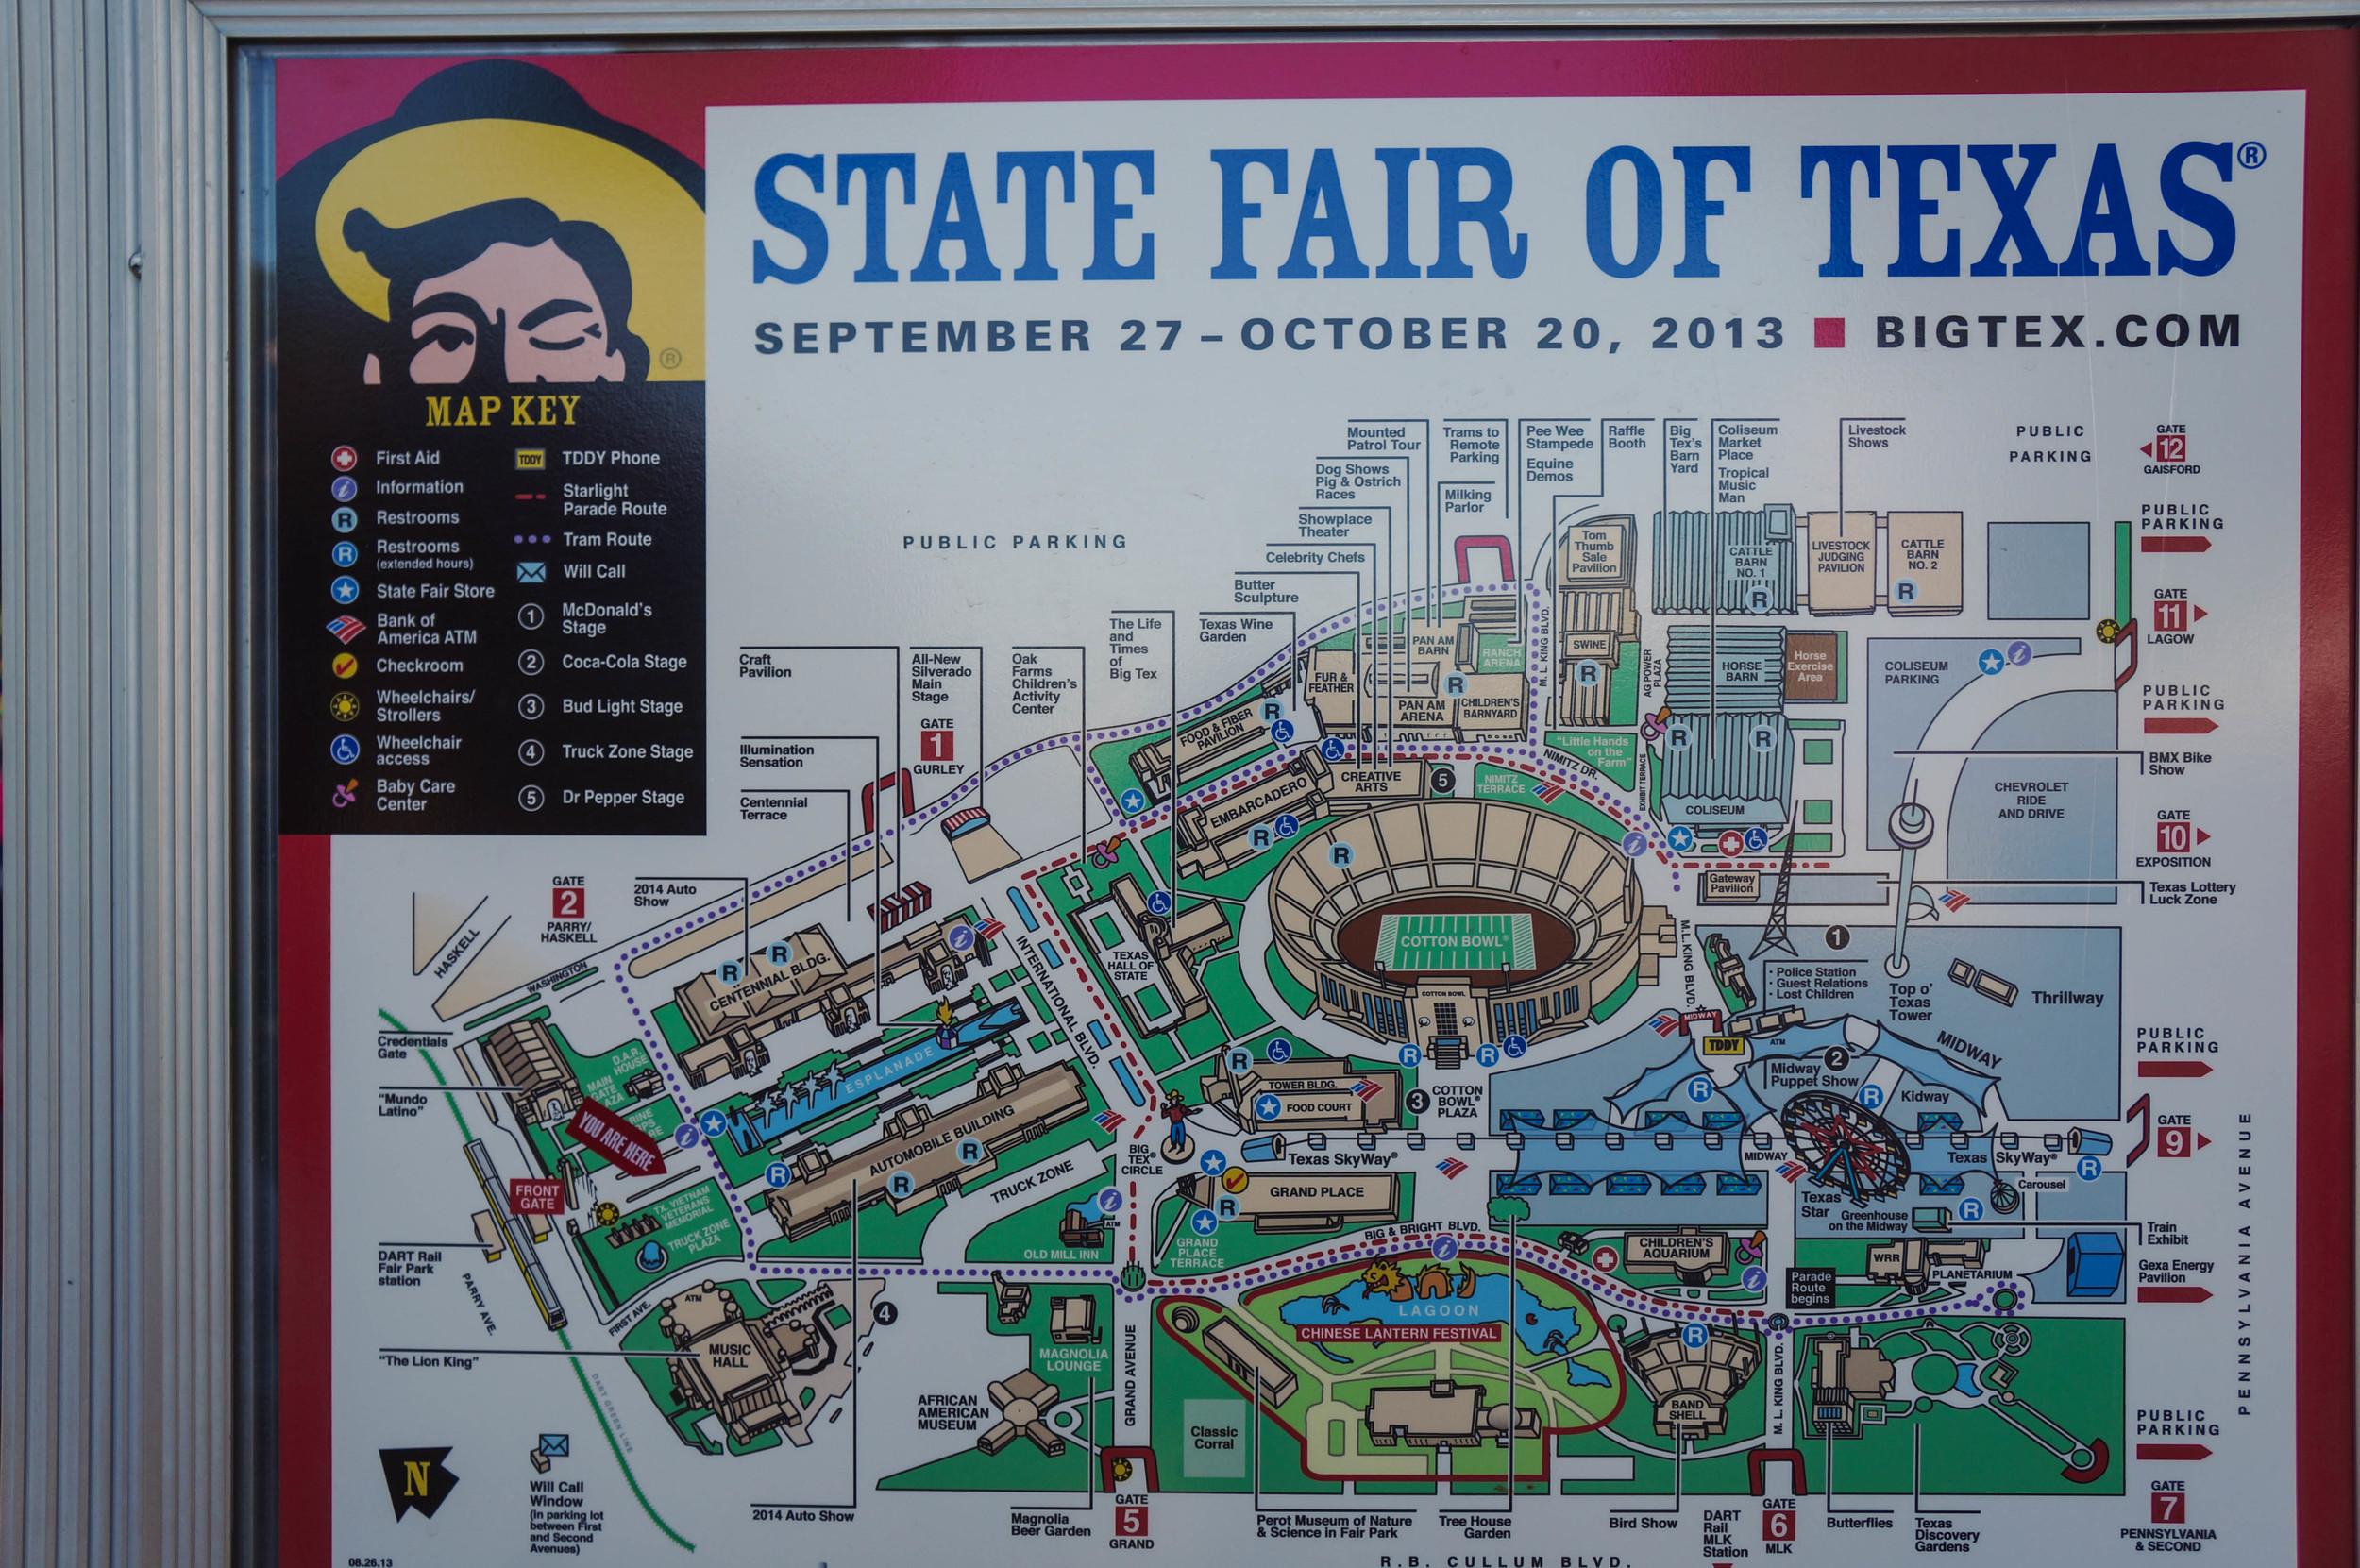 TexasStateFairDSC06920.jpg